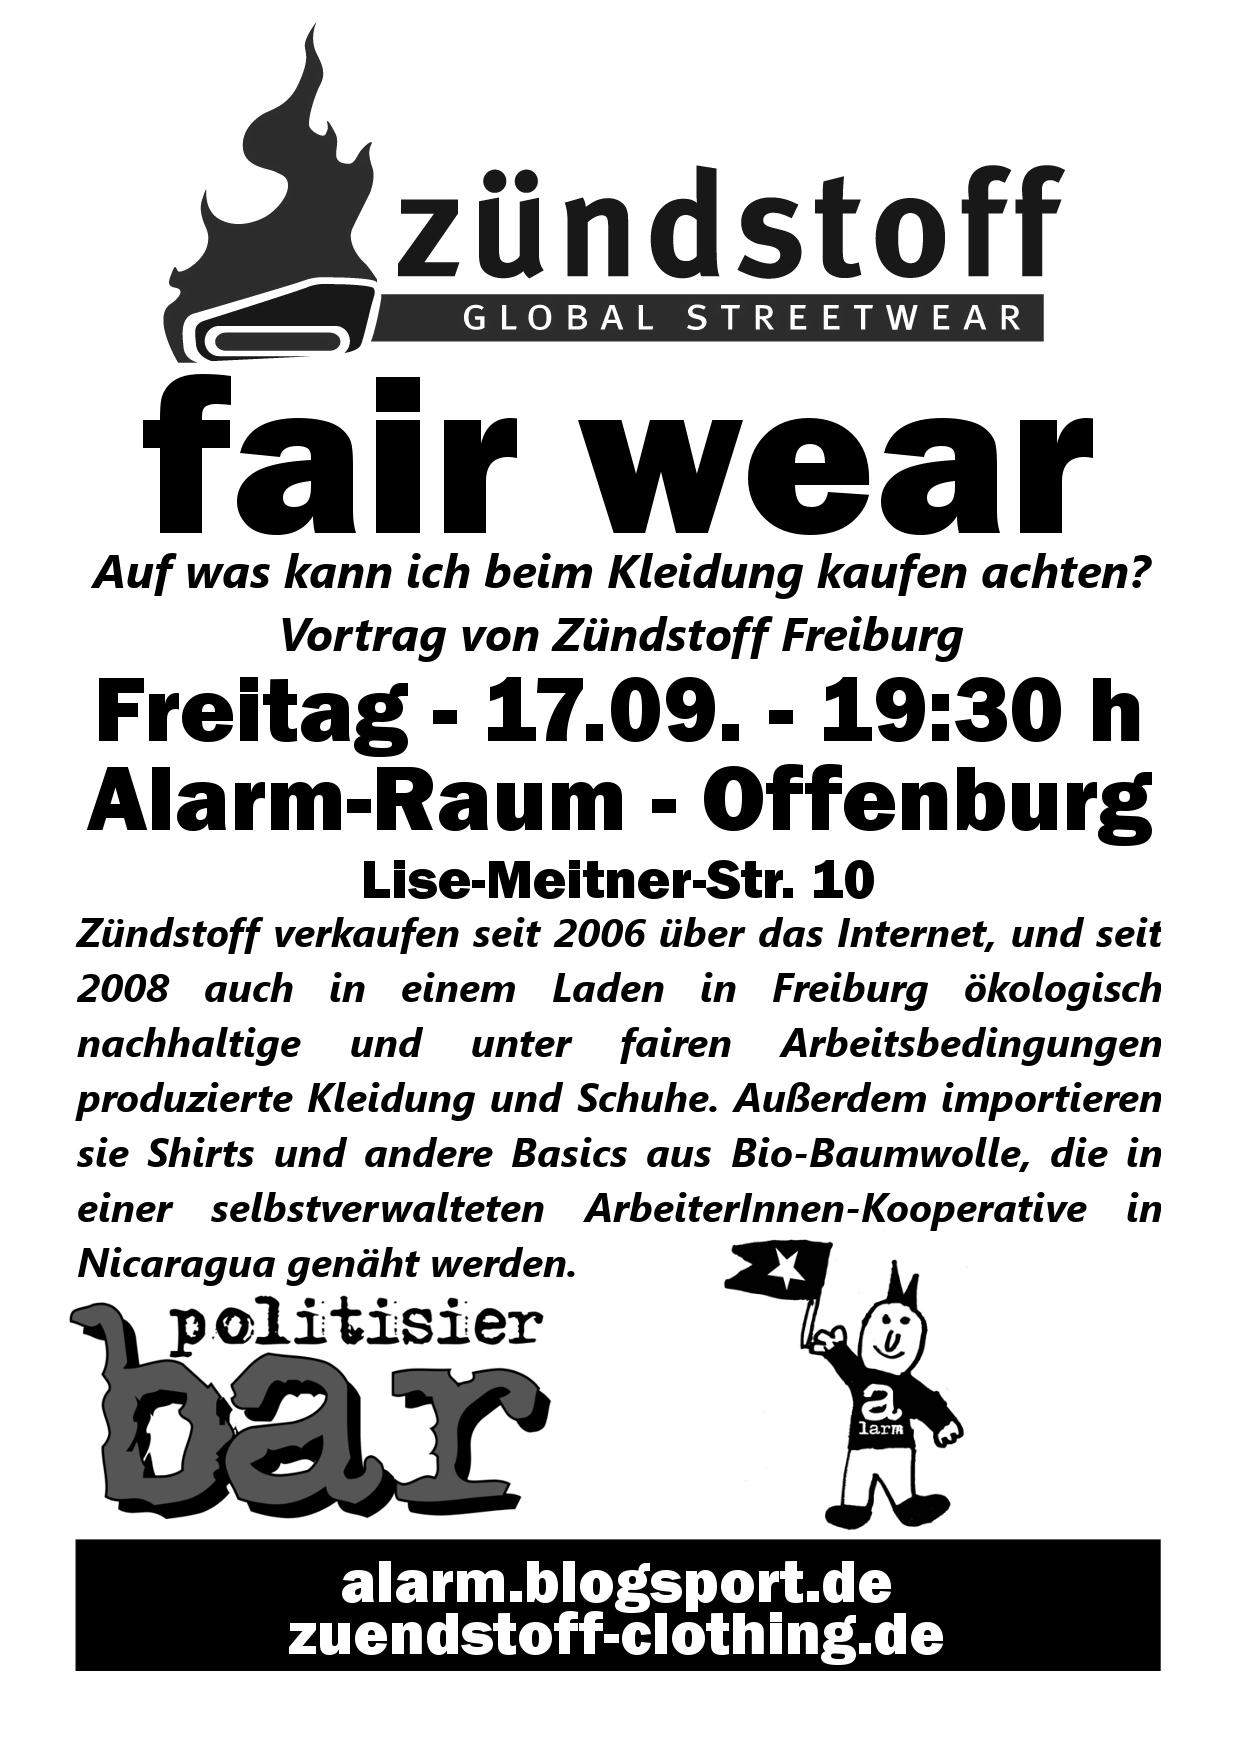 fair wear zuendstoff politisierBAR